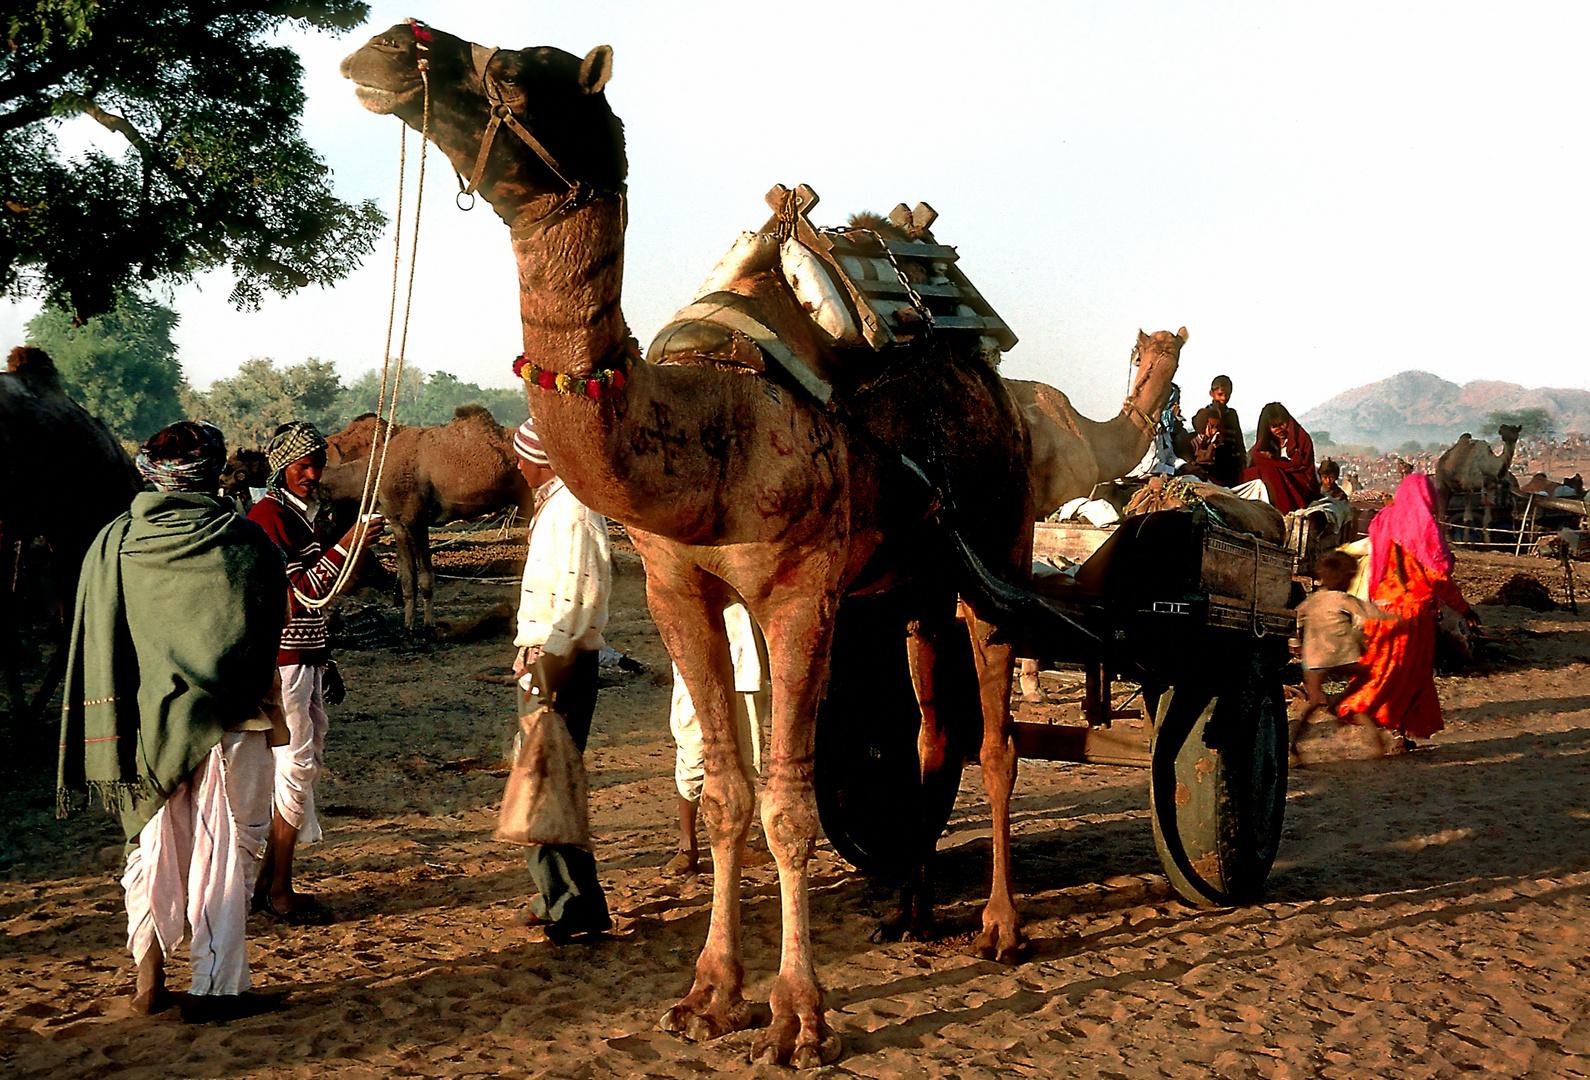 Besucher aus der Wüste Thar